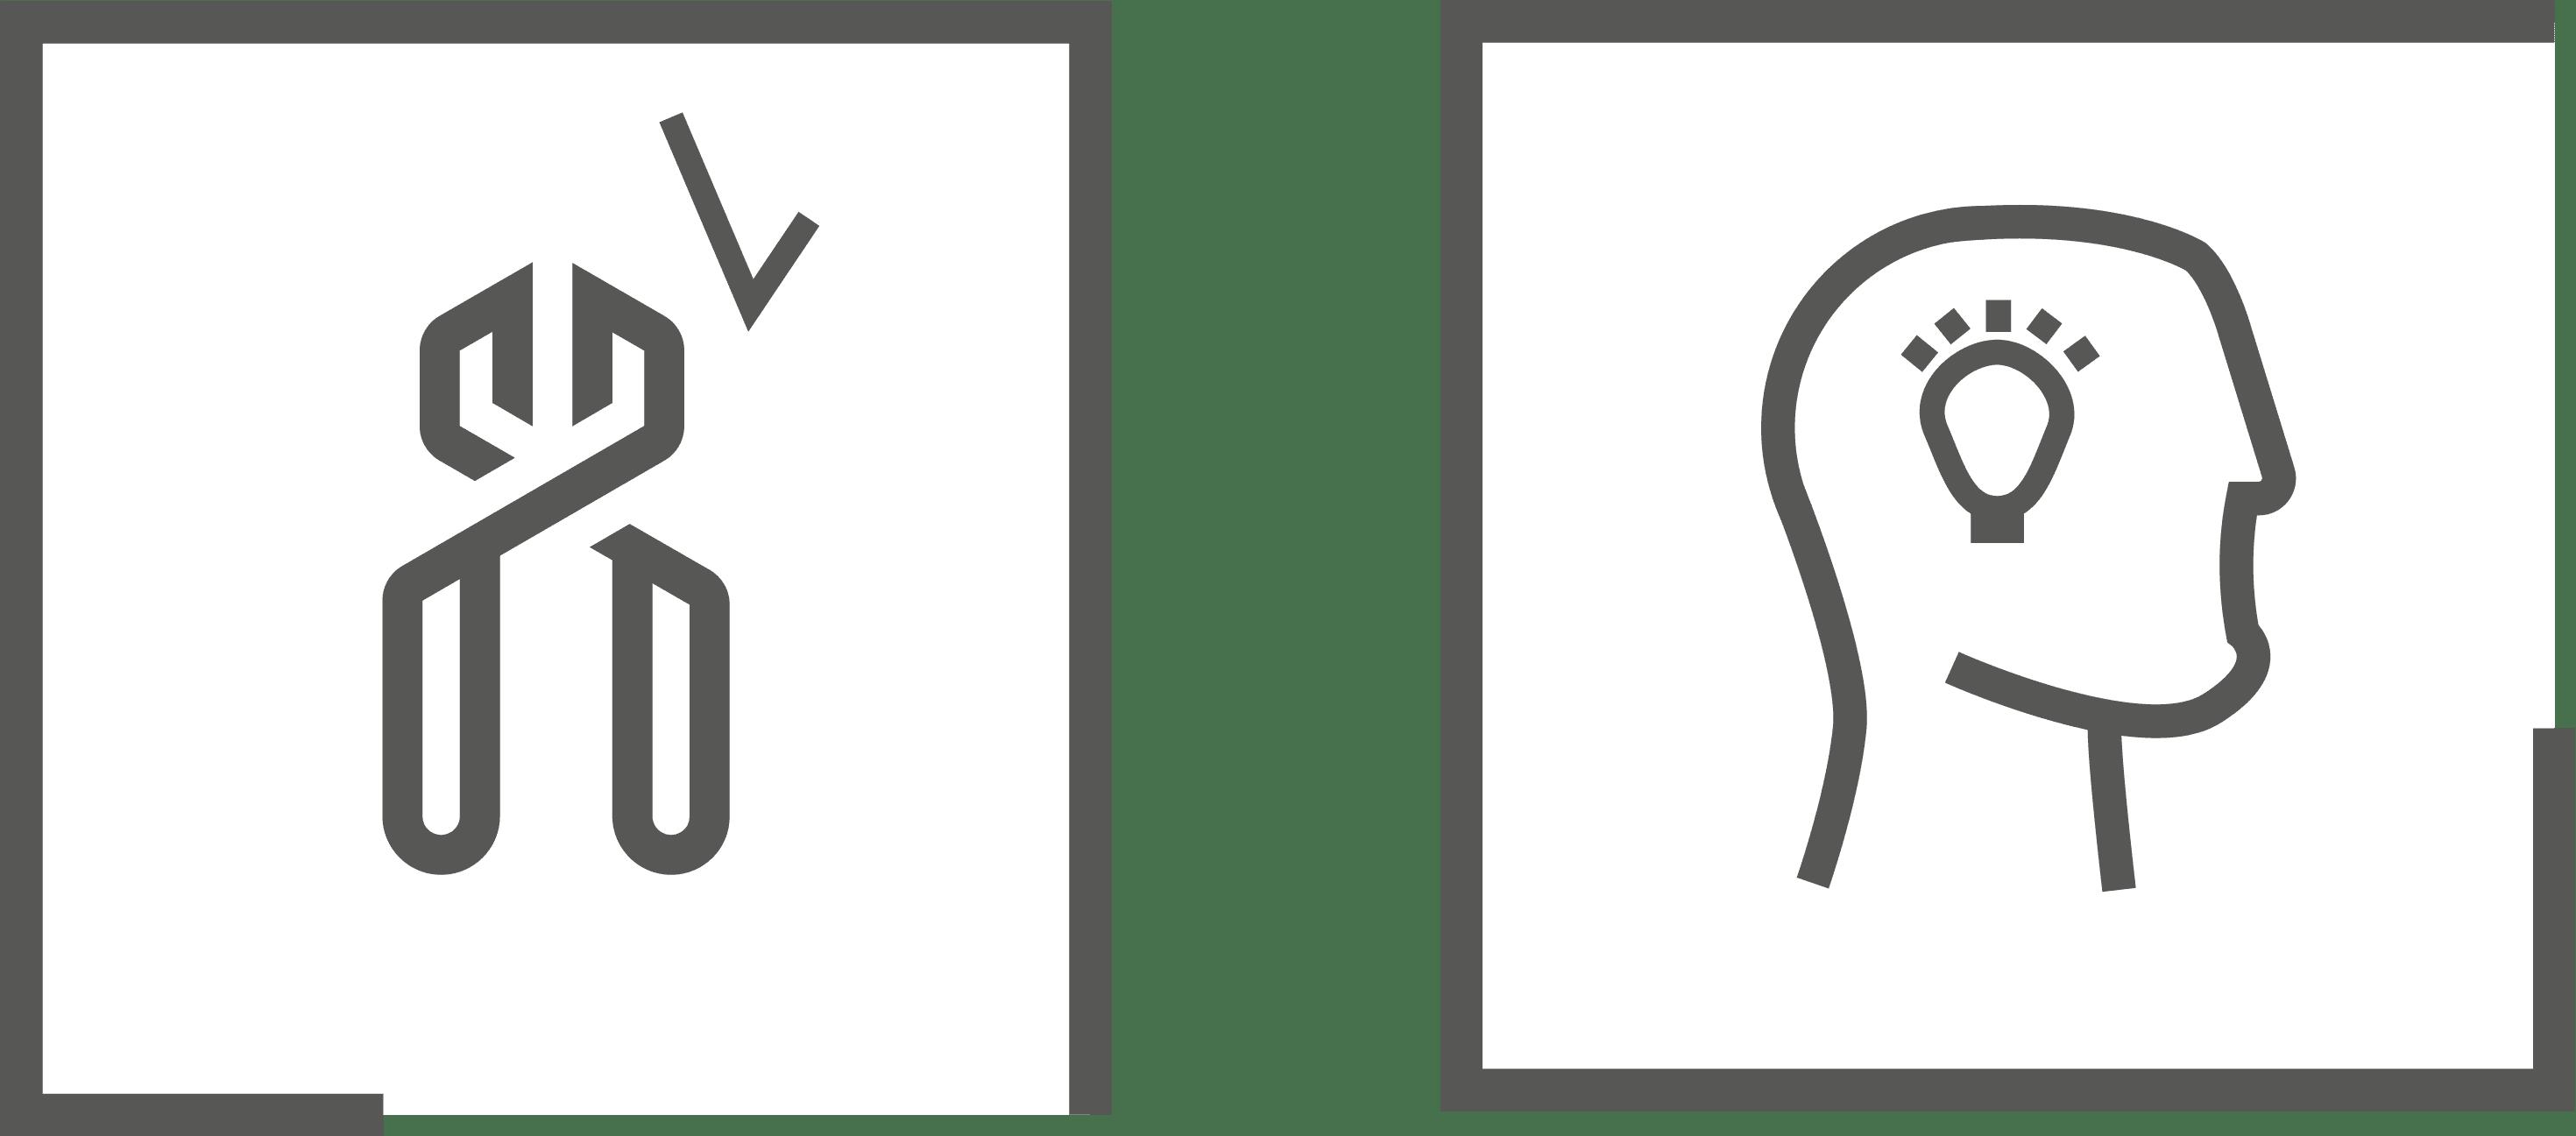 IkonkI(Serwis+Innowacja)